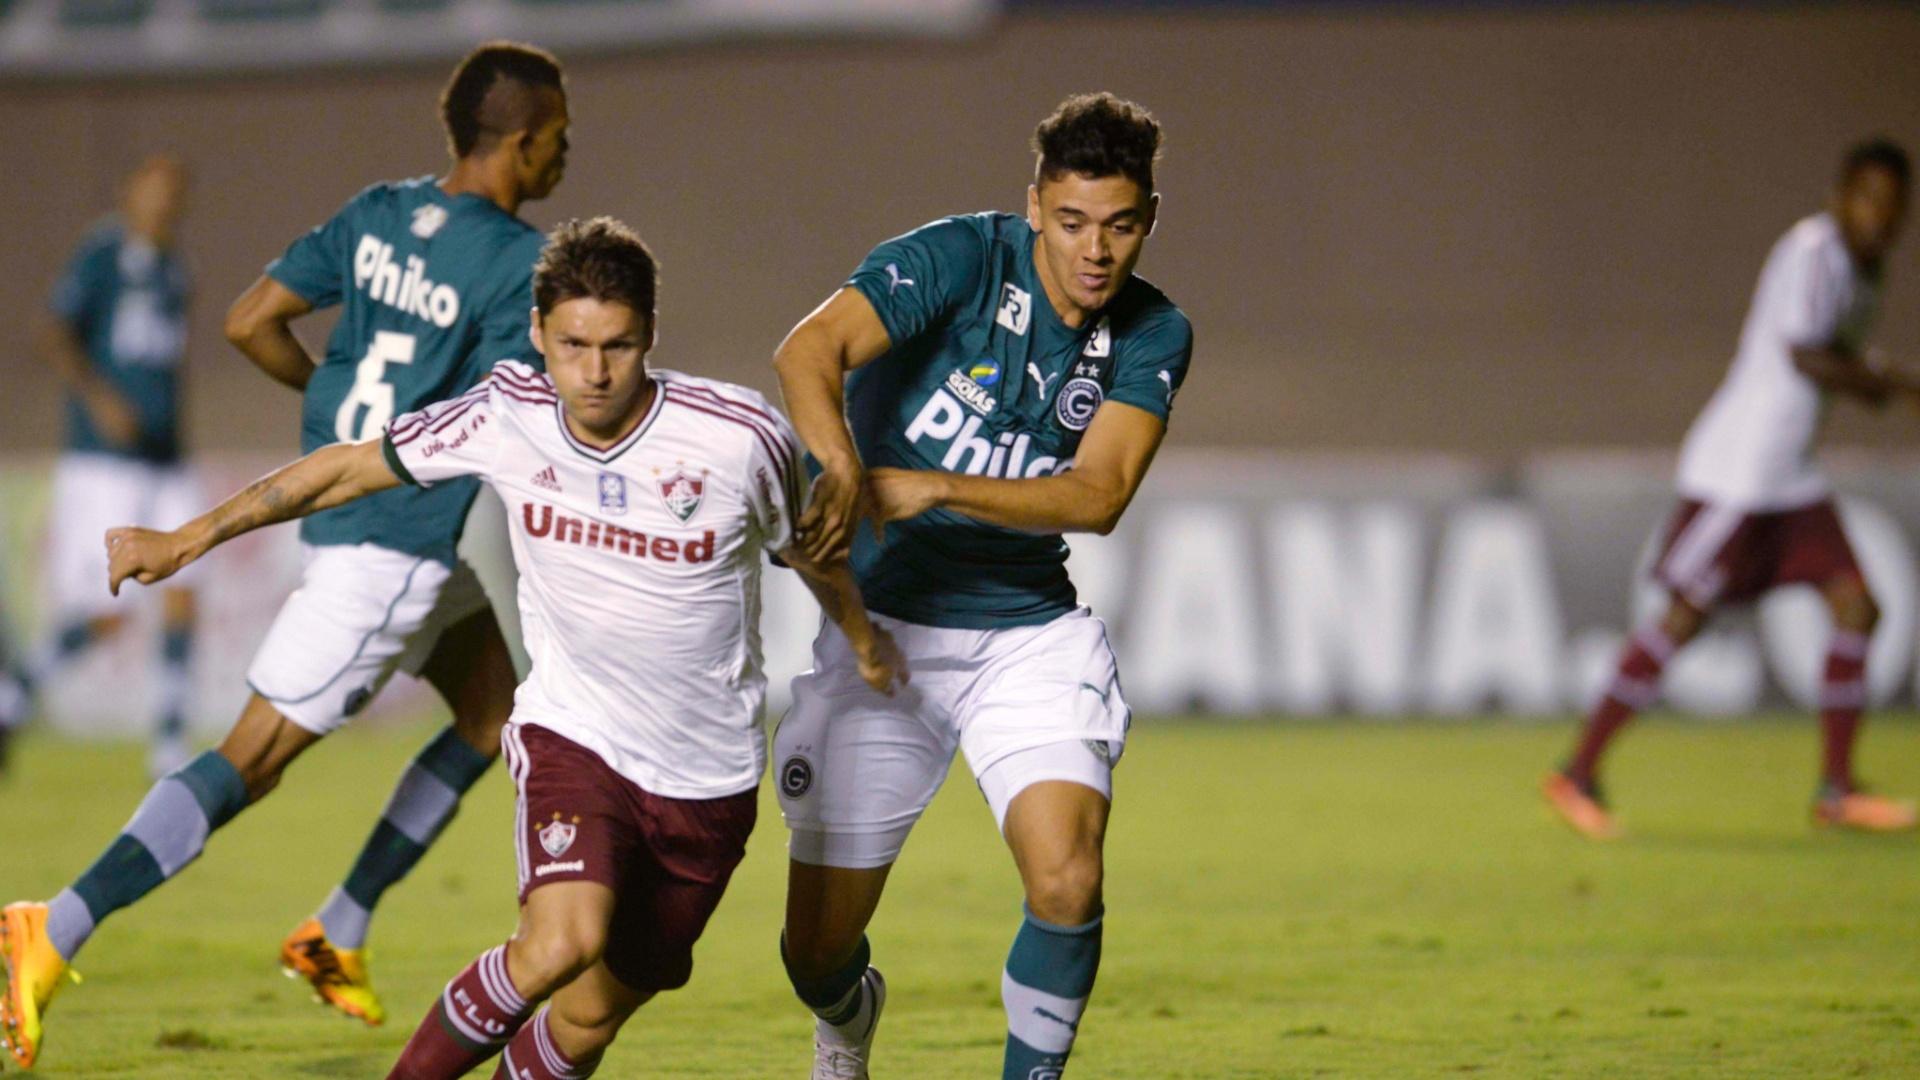 28.set.2013 - Rafael Sóbis e marcador disputam a bola em jogo entre Goiás e Fluminense, válido pelo Campeonato Brasileiro